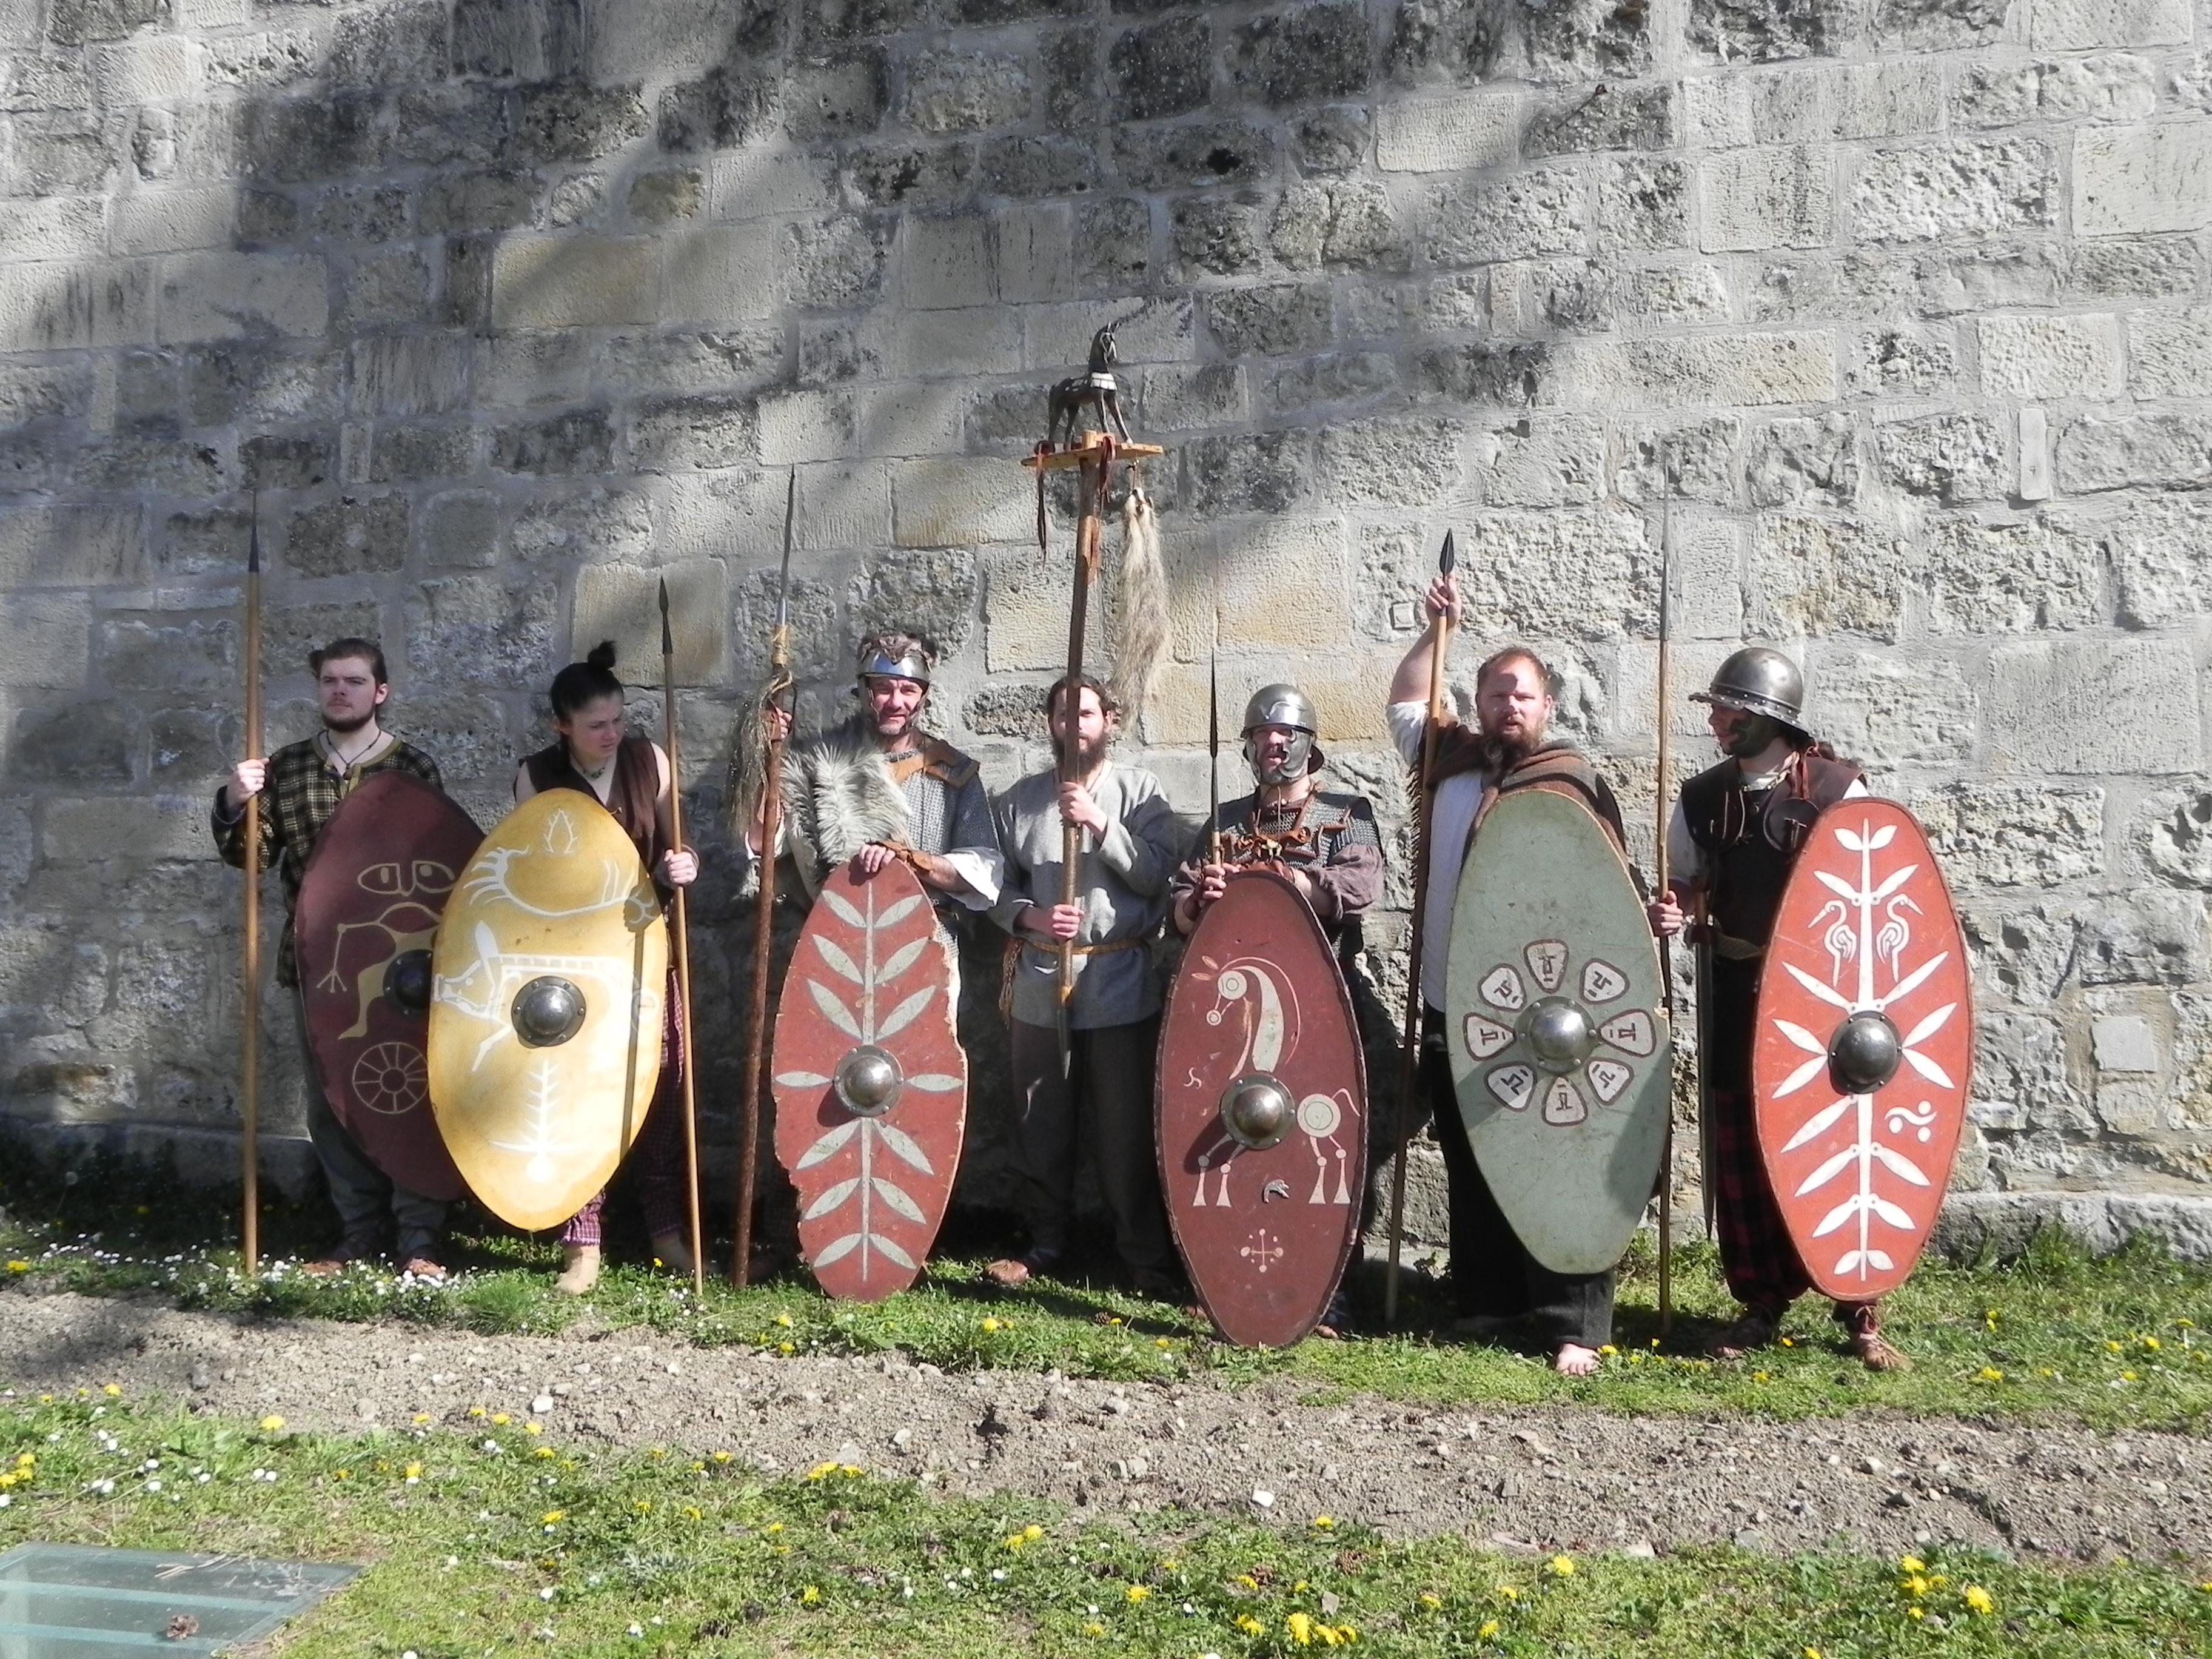 La force de frappe des Mediomatrici avec, de gauche à droite : Les 2 jeunes Suèves Cimberios et Nasua puis Londolucos, Cauannos porte-enseigne, Durnacos le vergobretos, Curmisagios et Liscos ambactos de Durnacos